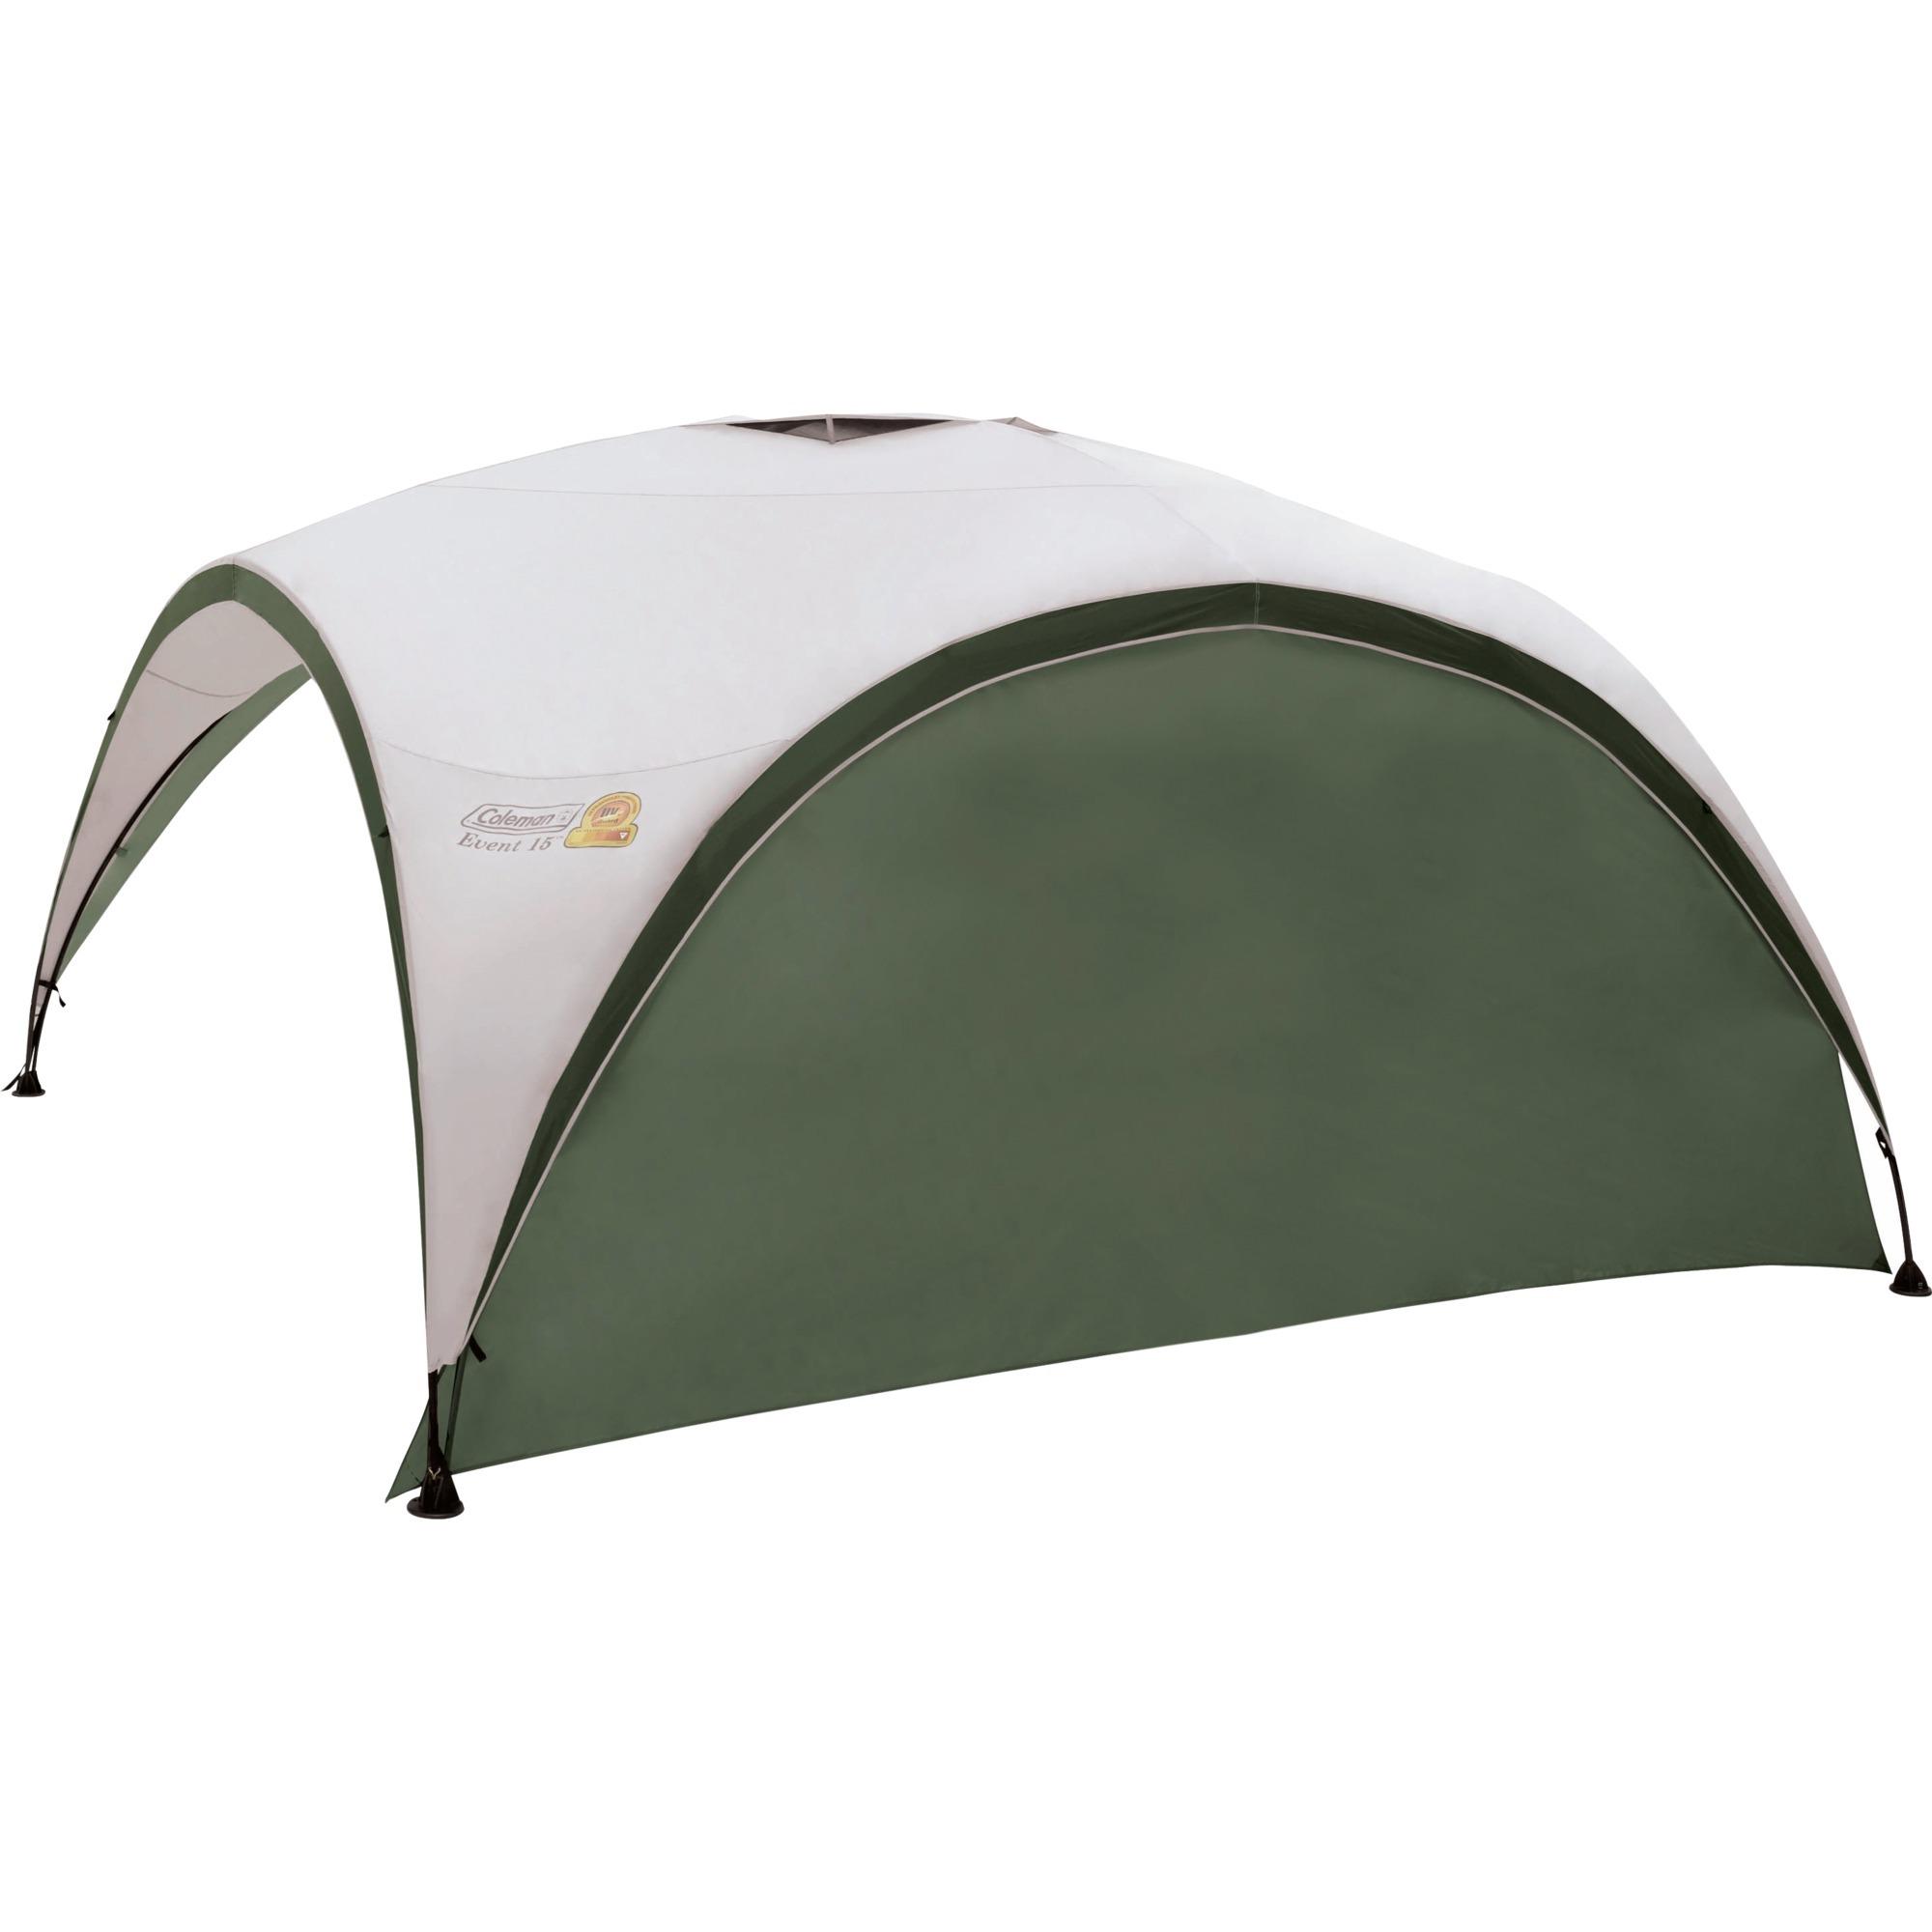 2000009776 toldo y carpa para camping Verde, Blanco, Lateral